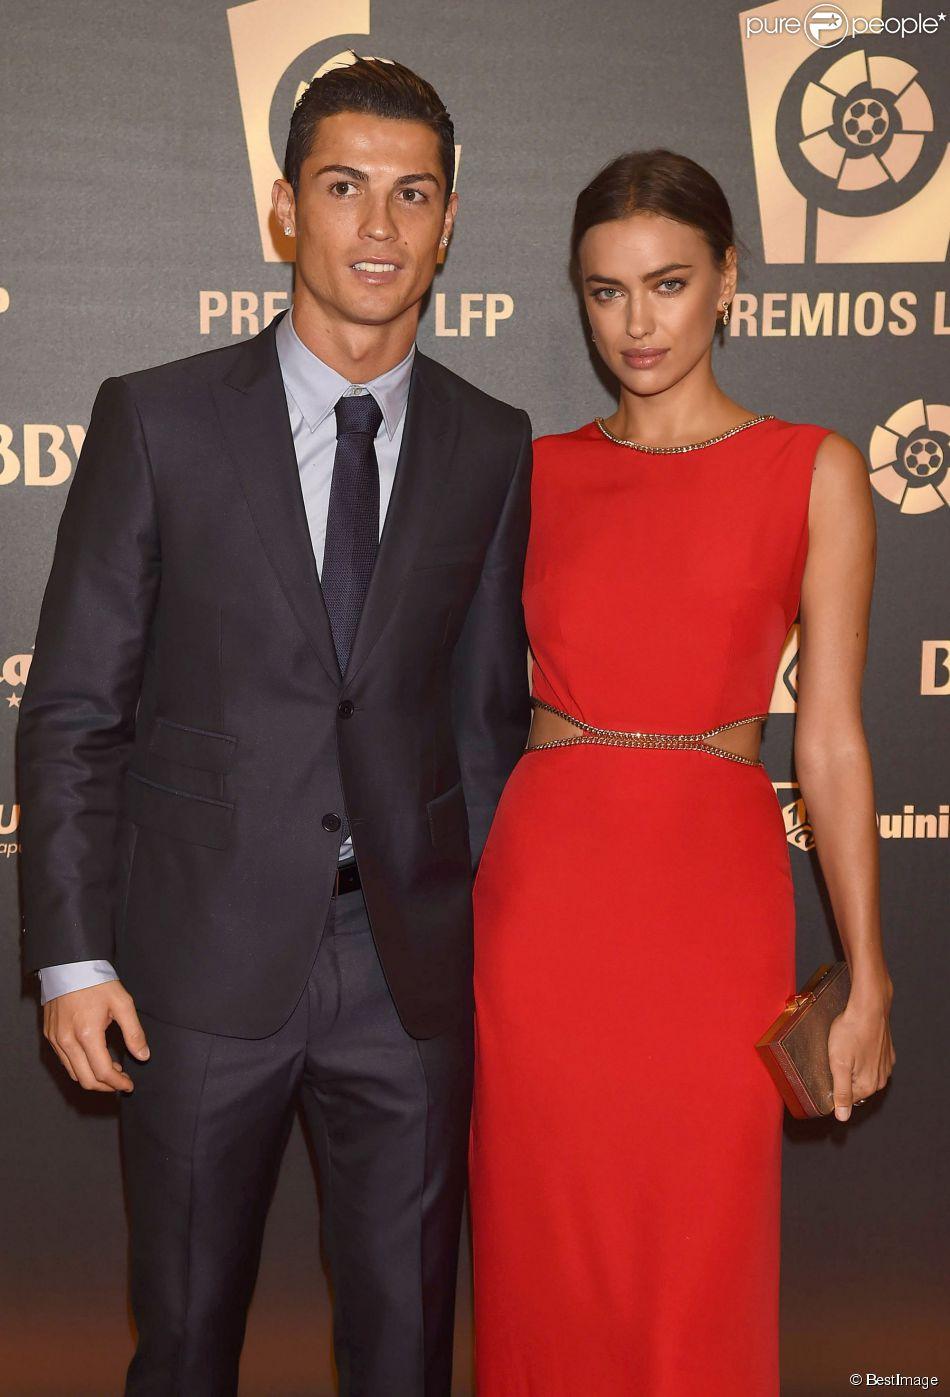 Cristiano Ronaldo et sa belle Irina Shayk à la soirée de remise des trophées de la Liga, à Madrid le 27 octobre 2014